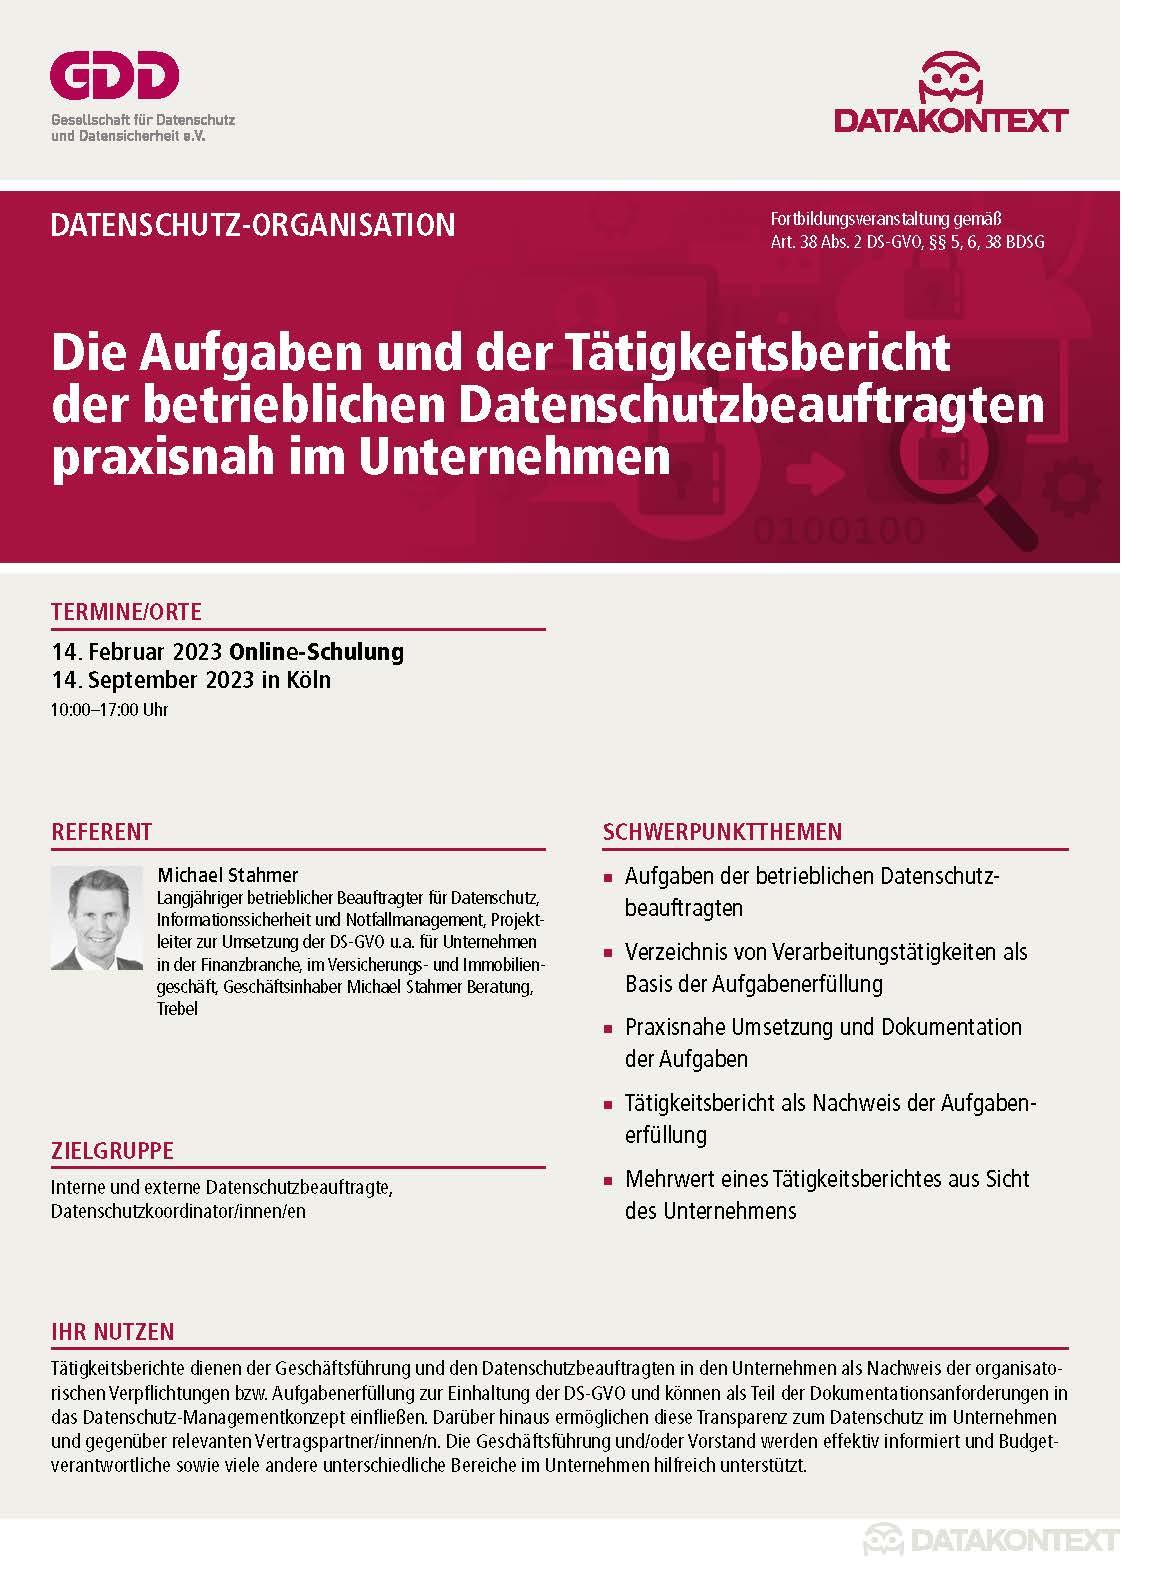 Die Aufgaben und der Tätigkeitsbericht des betrieblichen DSB praxisnah im Unternehmen